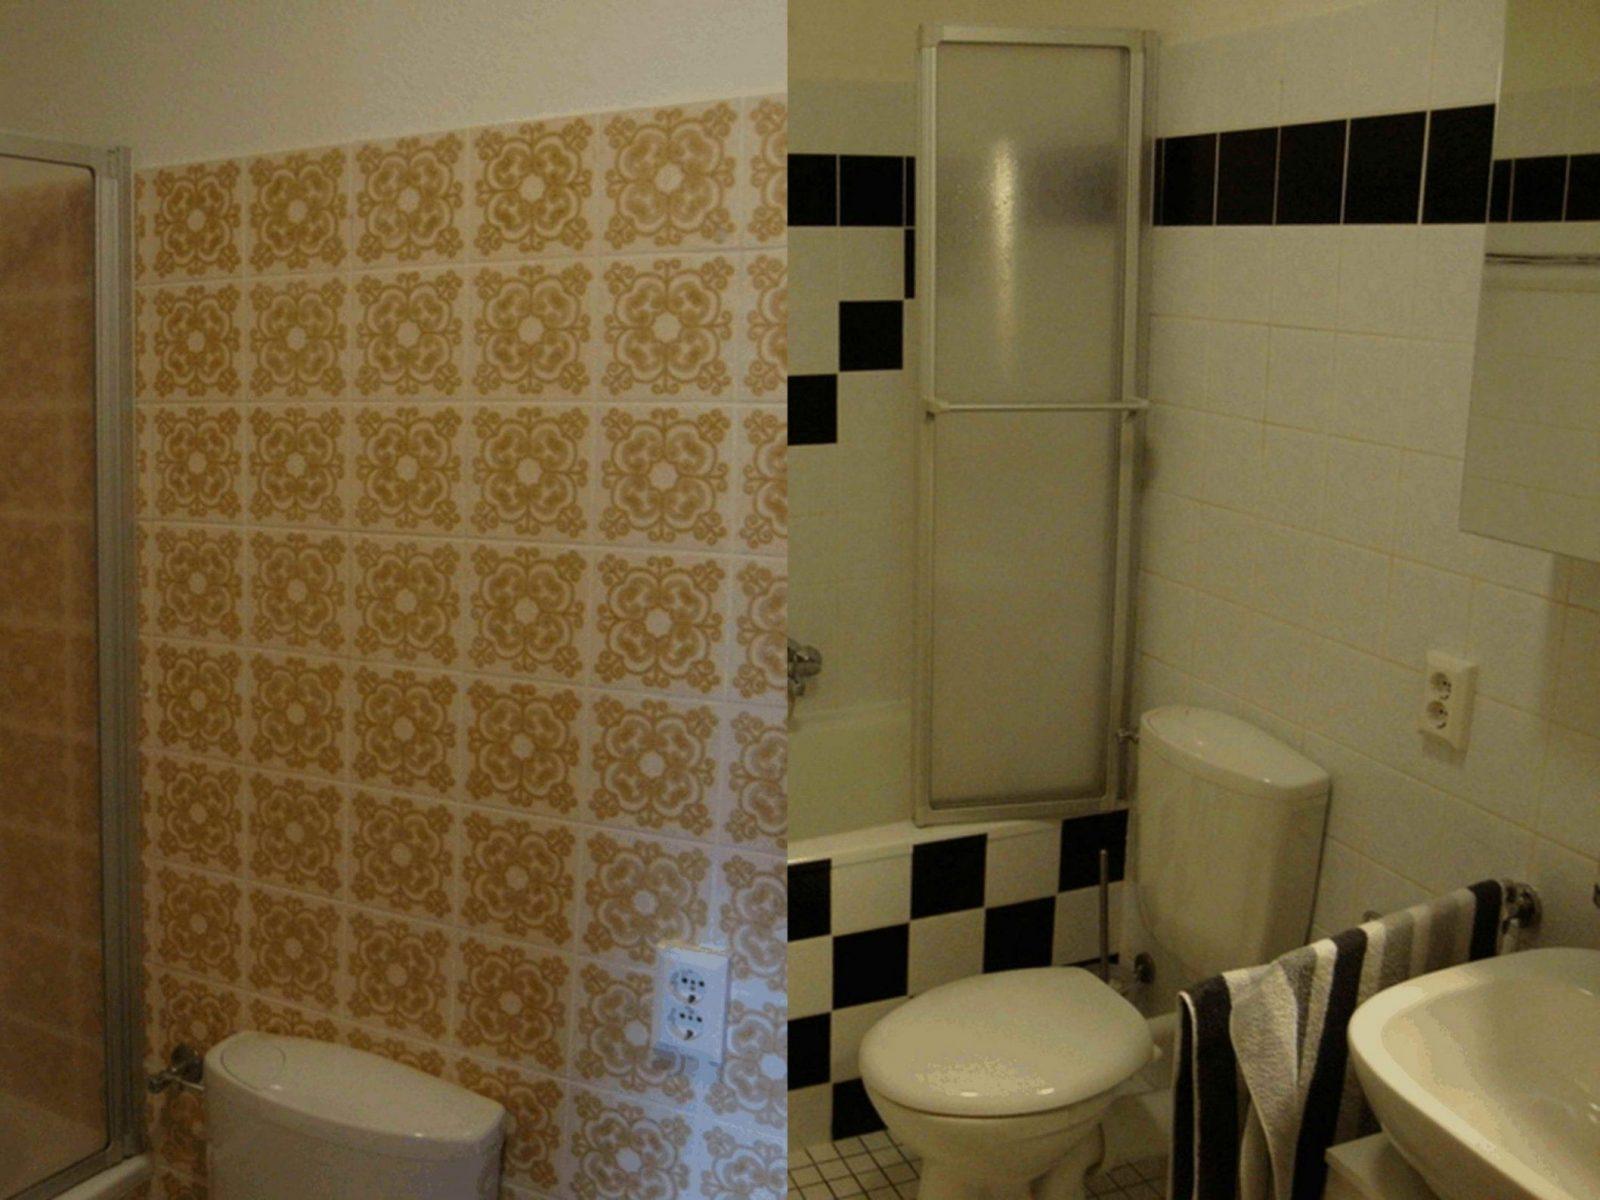 Badezimmer Fliesen Mit Pvc überkleben